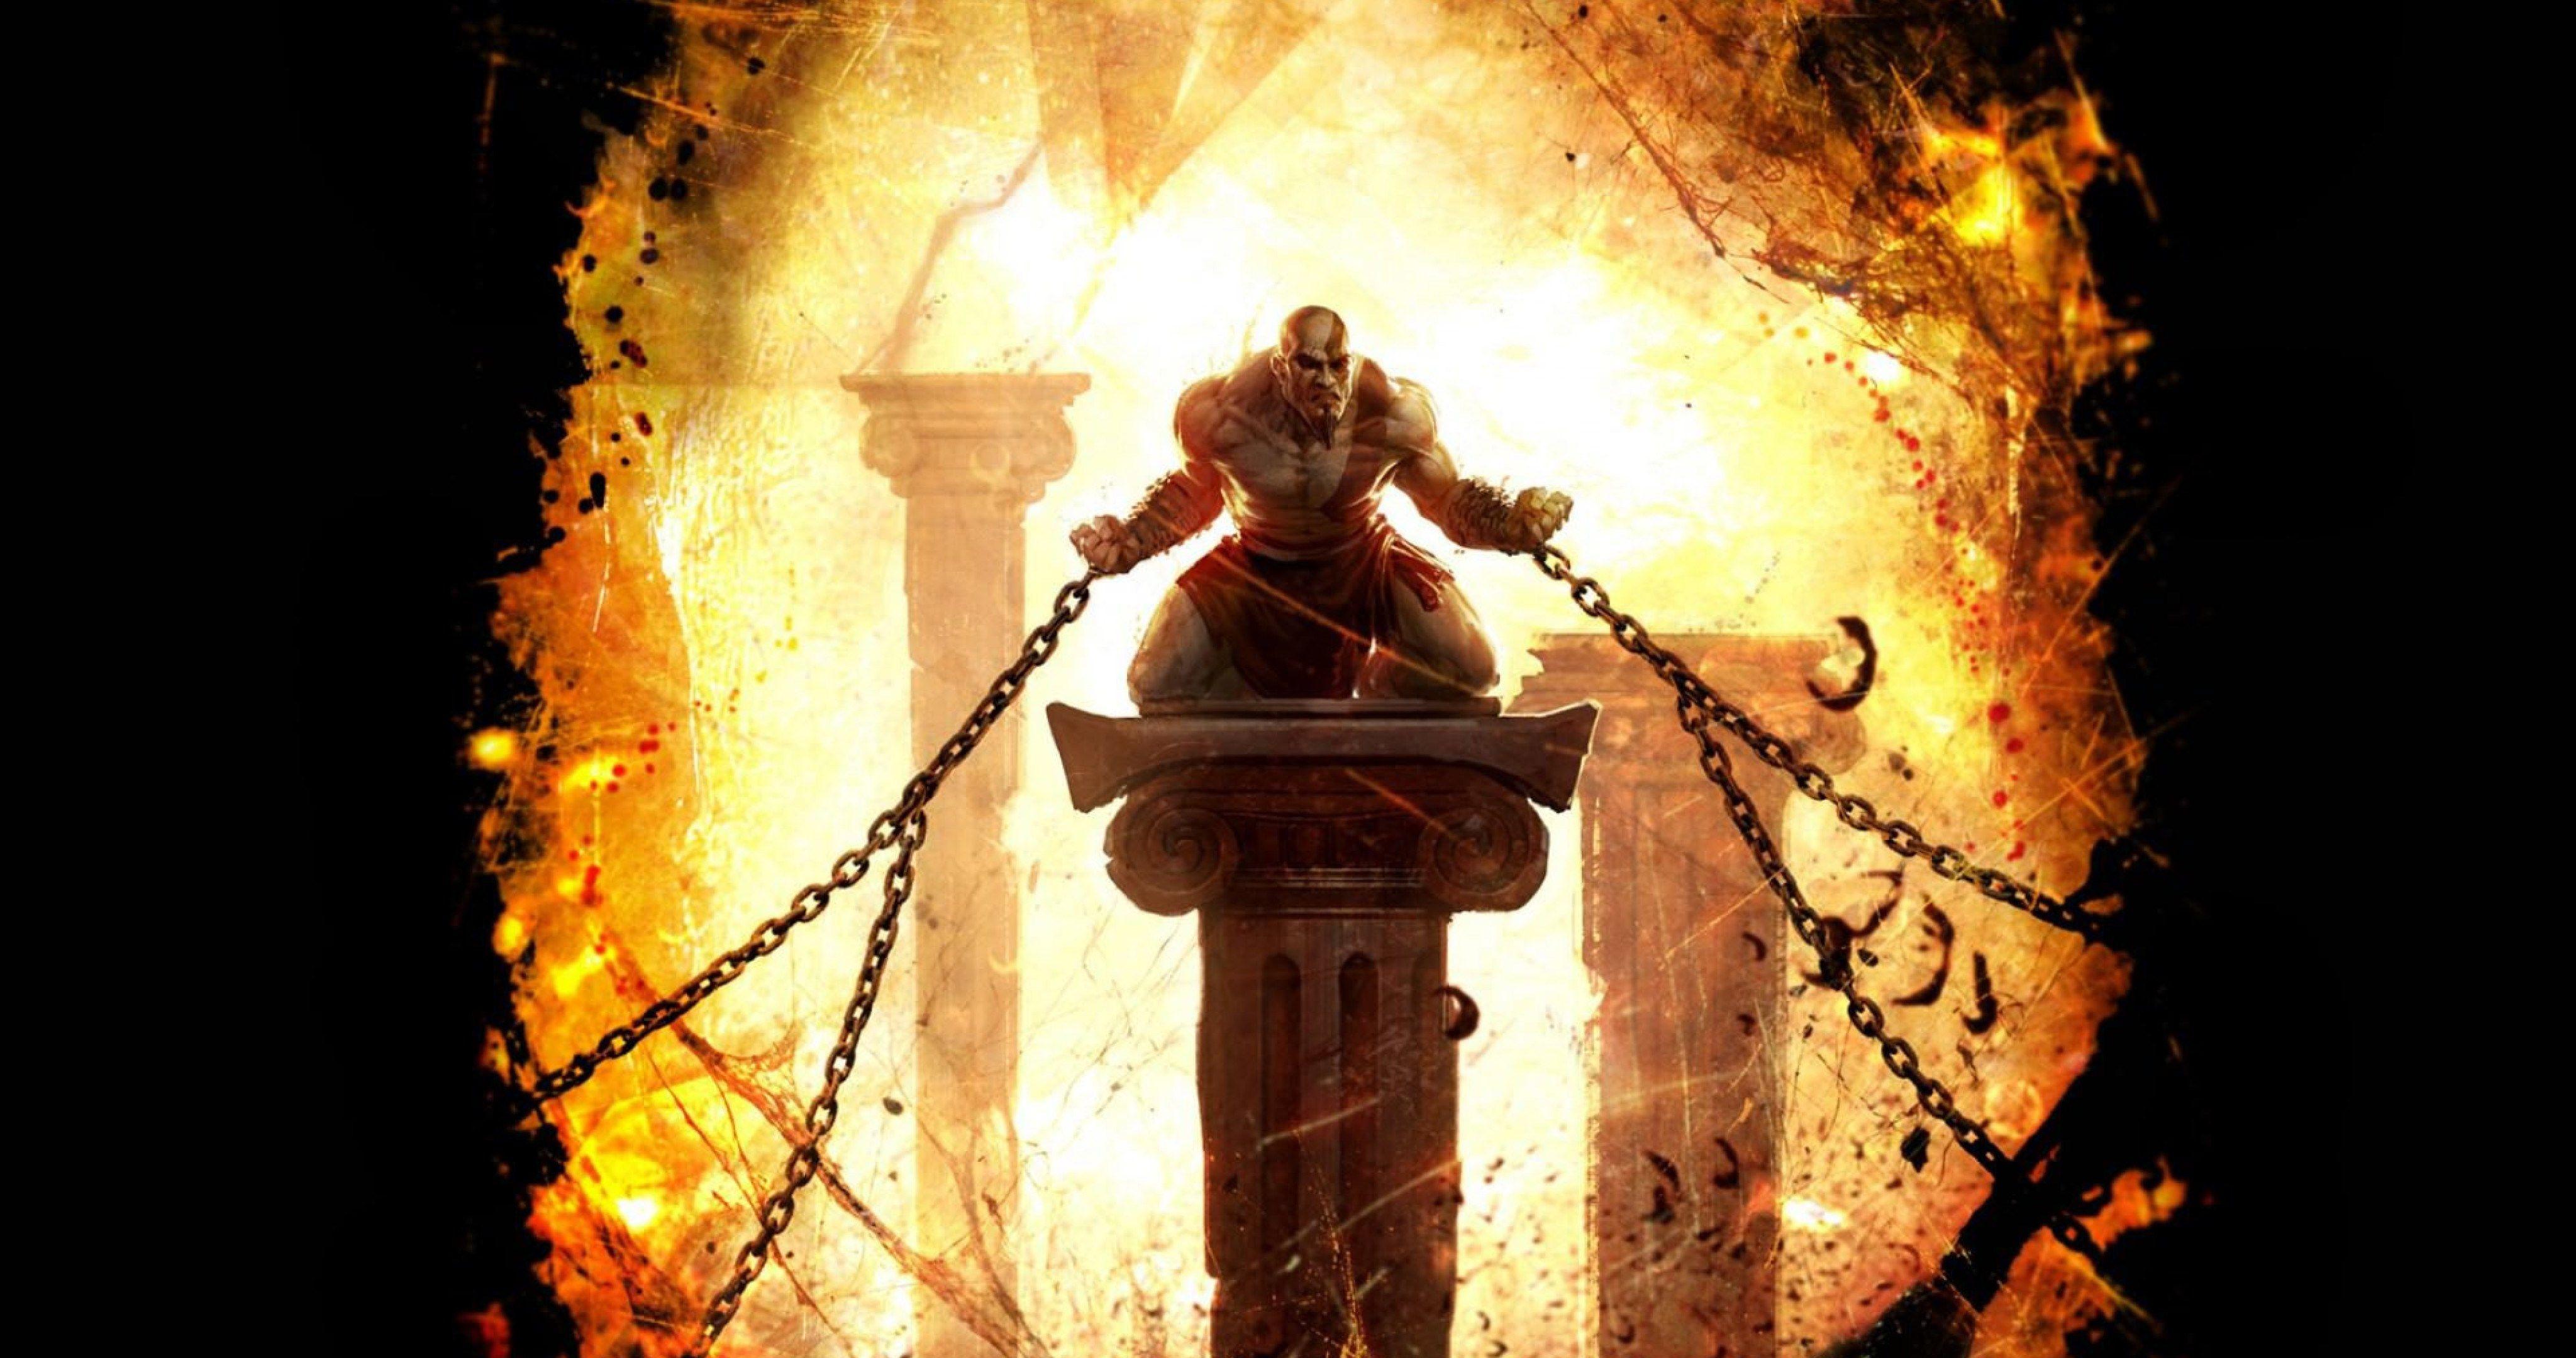 God Of War Ascension Game 4k Ultra Hd Wallpaper Ololoshenka God